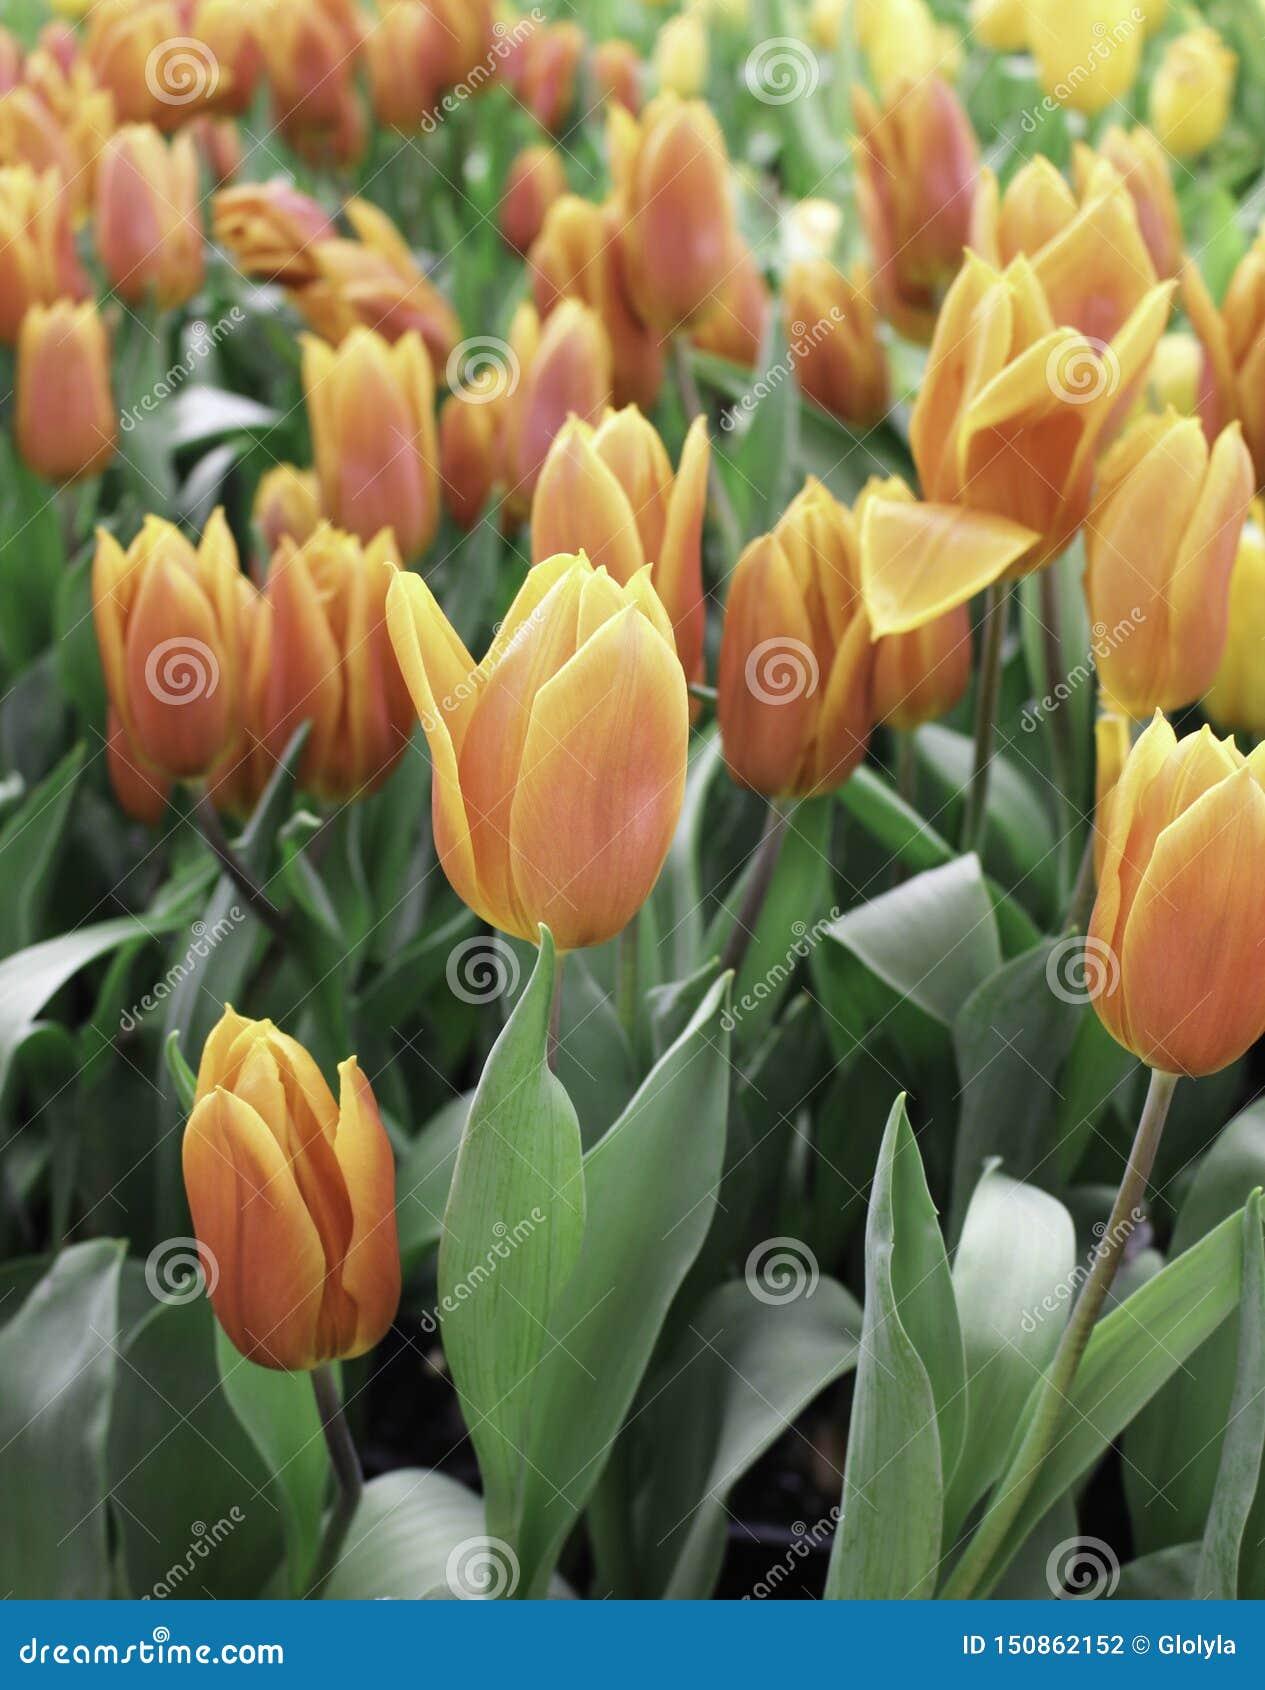 Tulpenbloem met groen blad